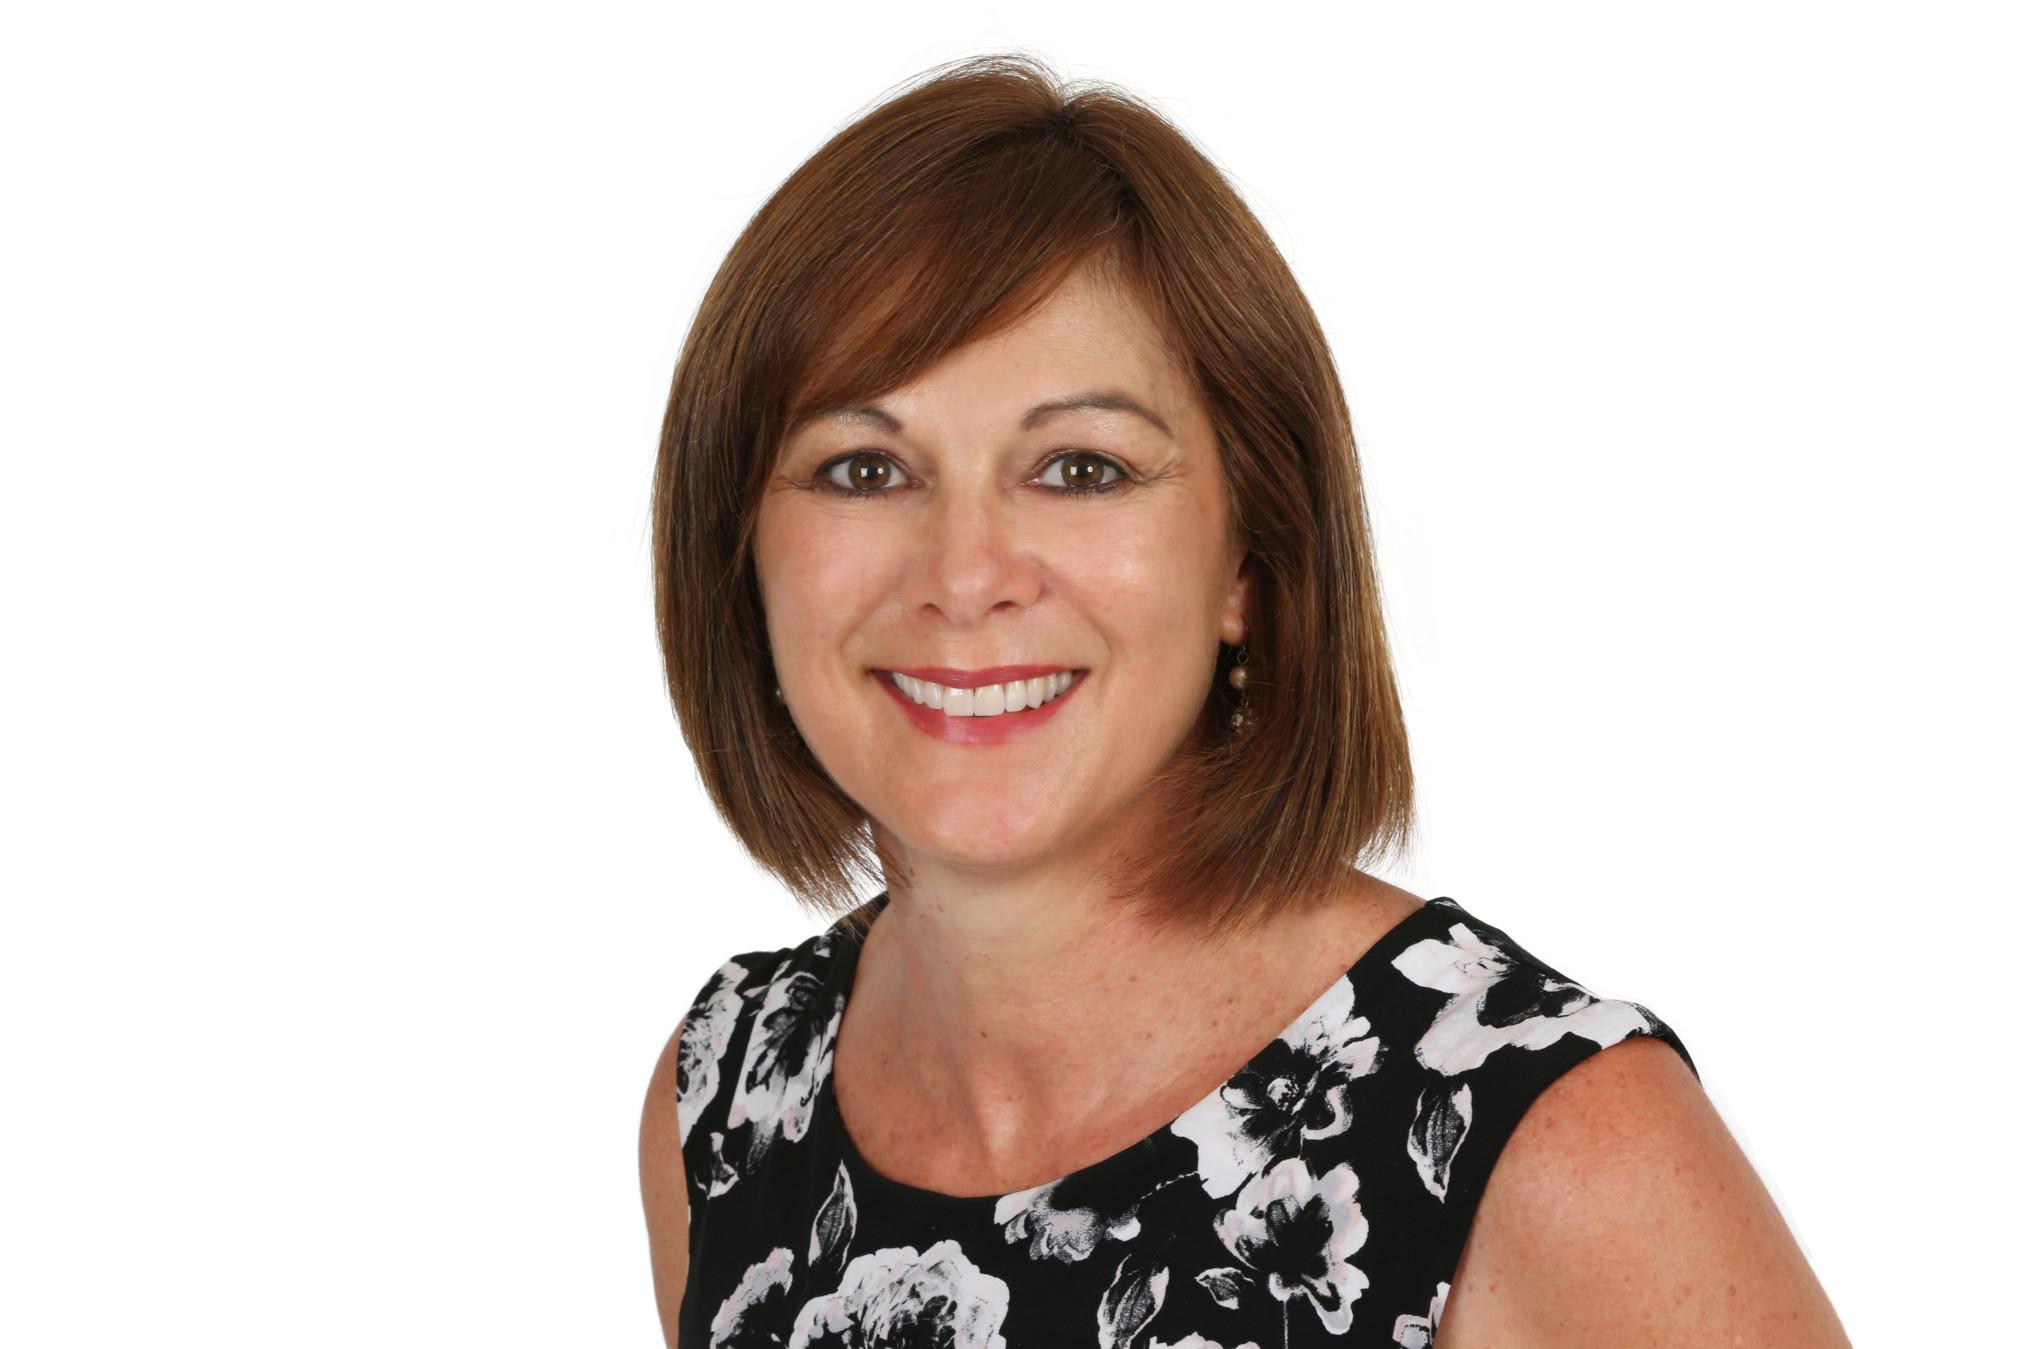 Janice Wanklyn